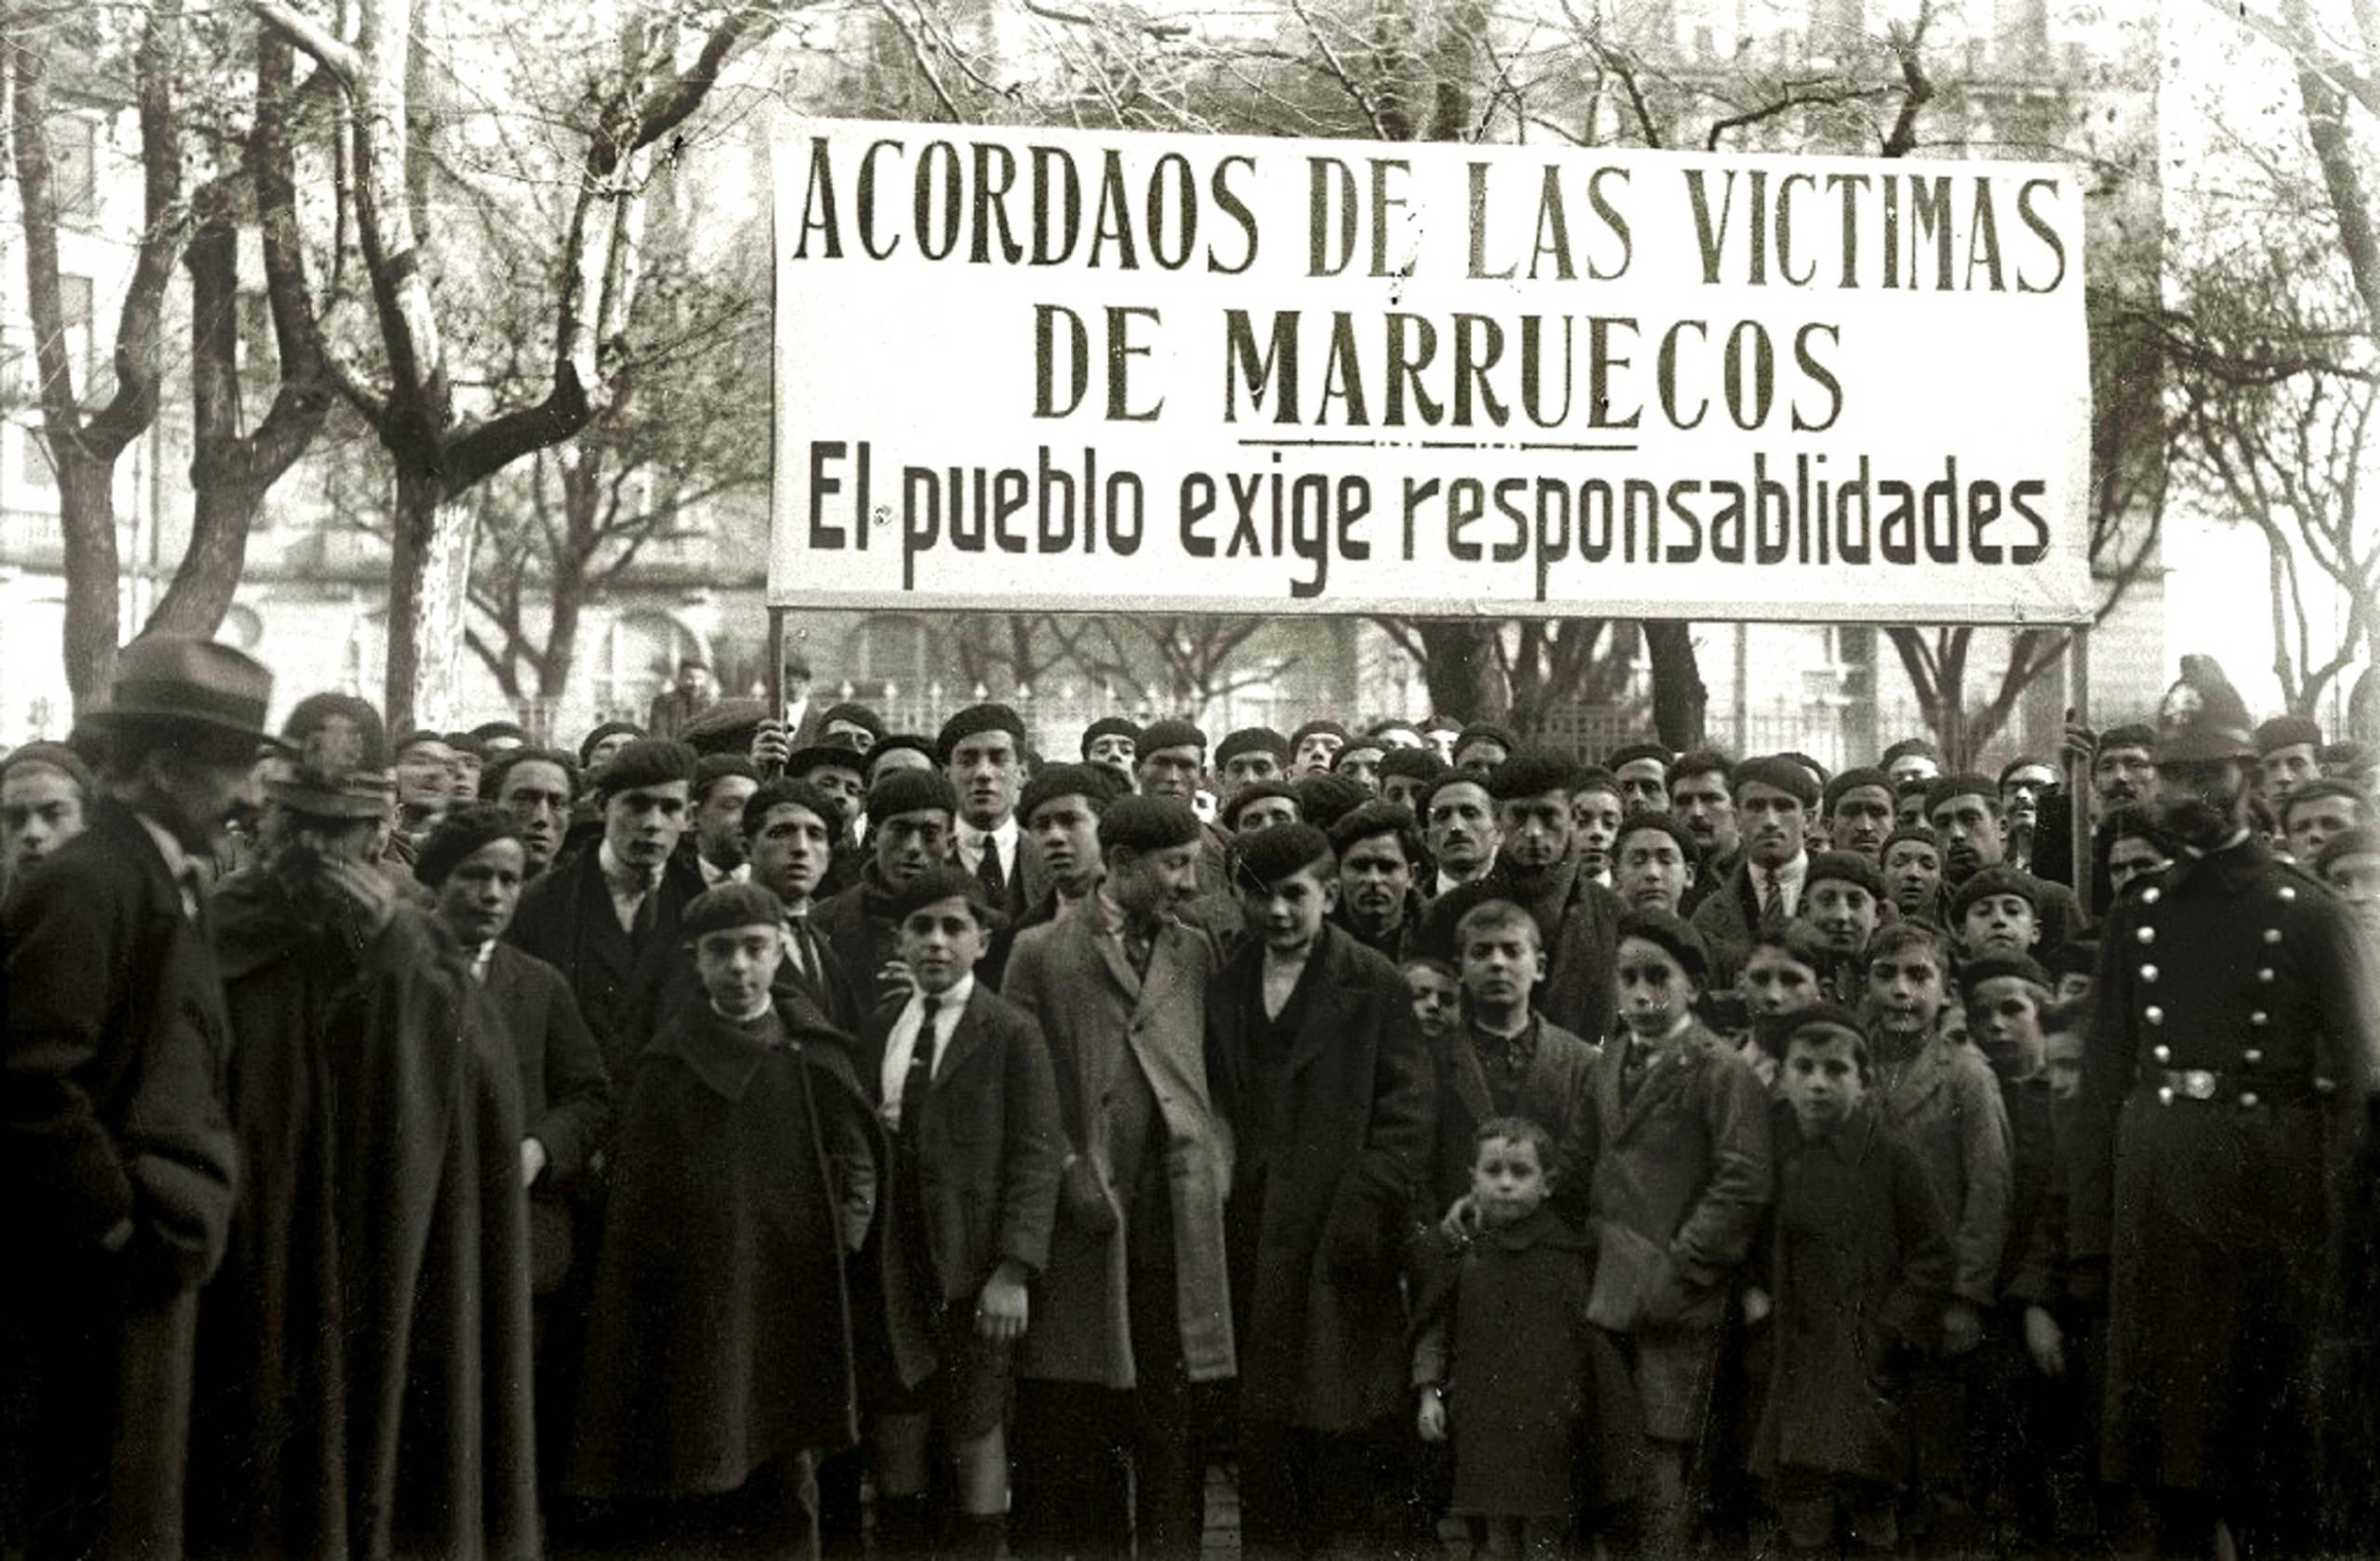 Fuente: Nuevatribuna.es 24/04/2020